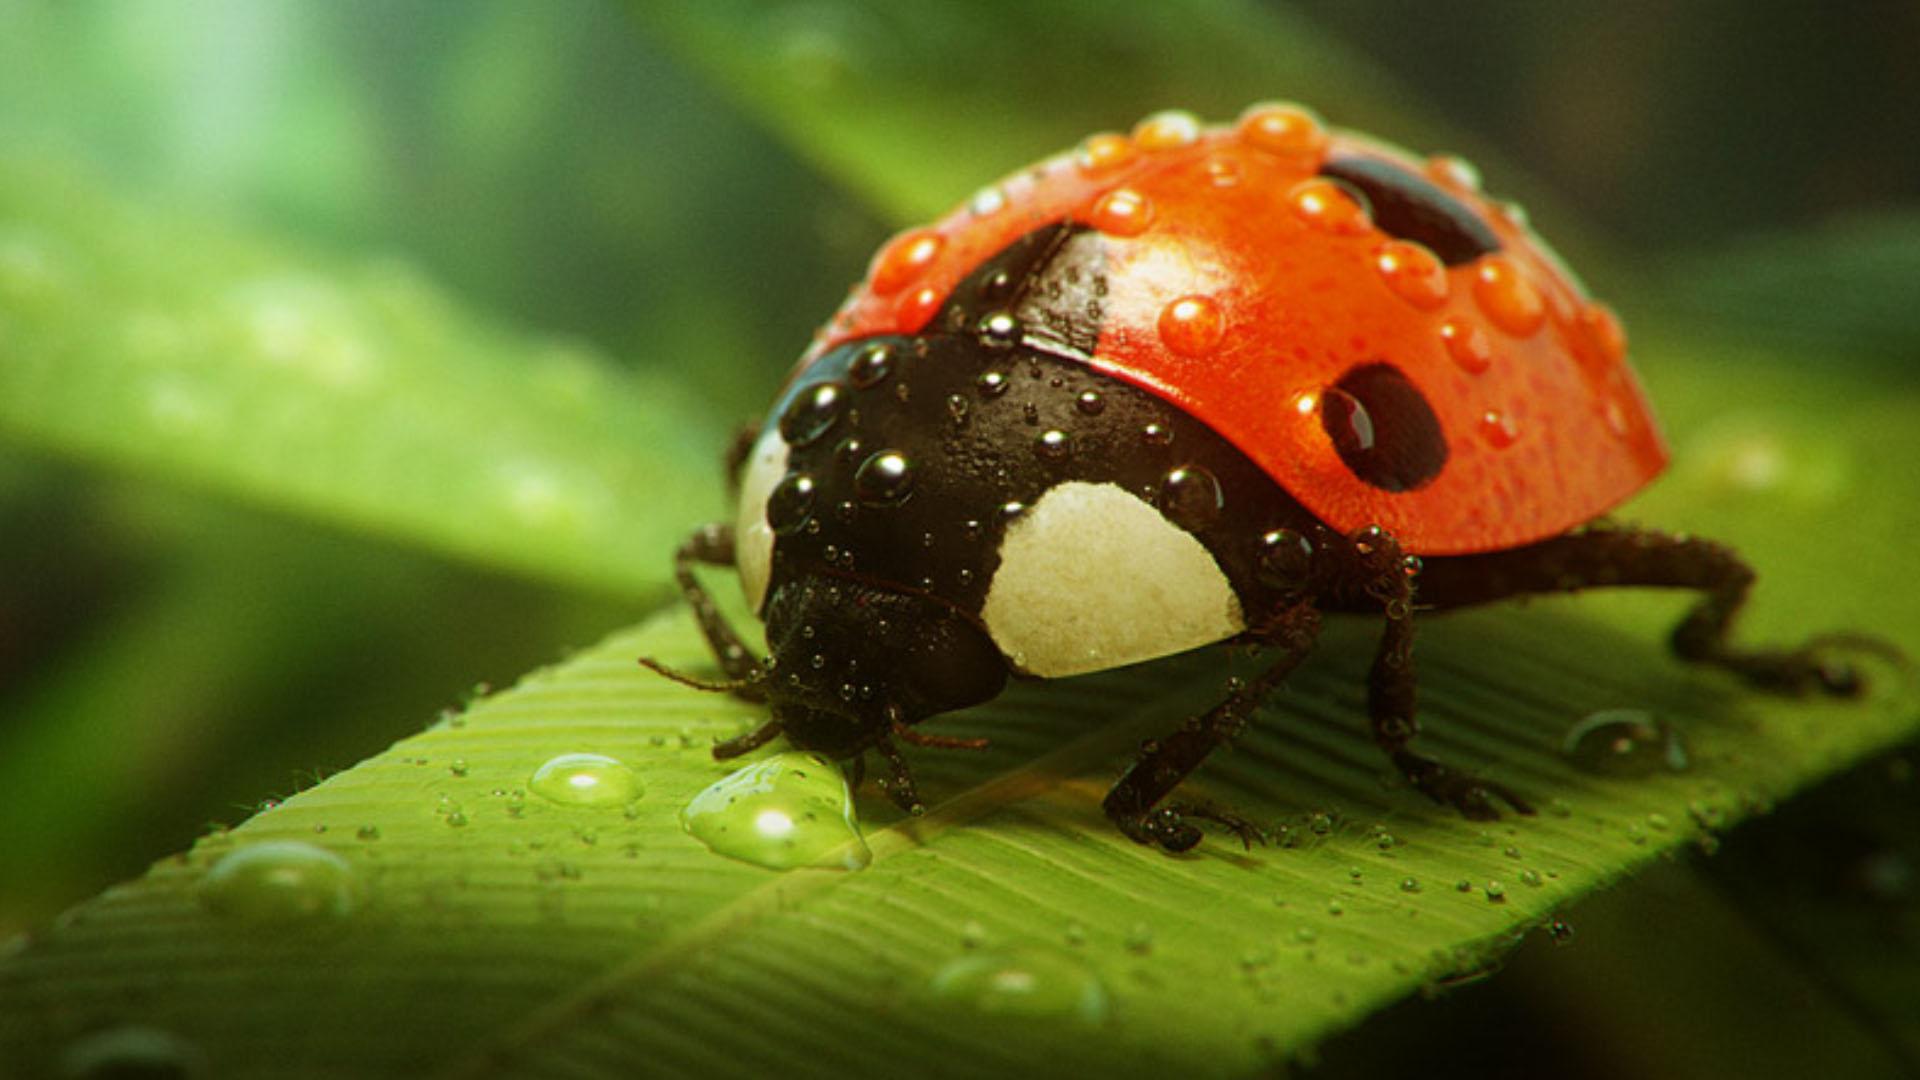 природа насекомое божья коровка цветок  № 3008143 загрузить